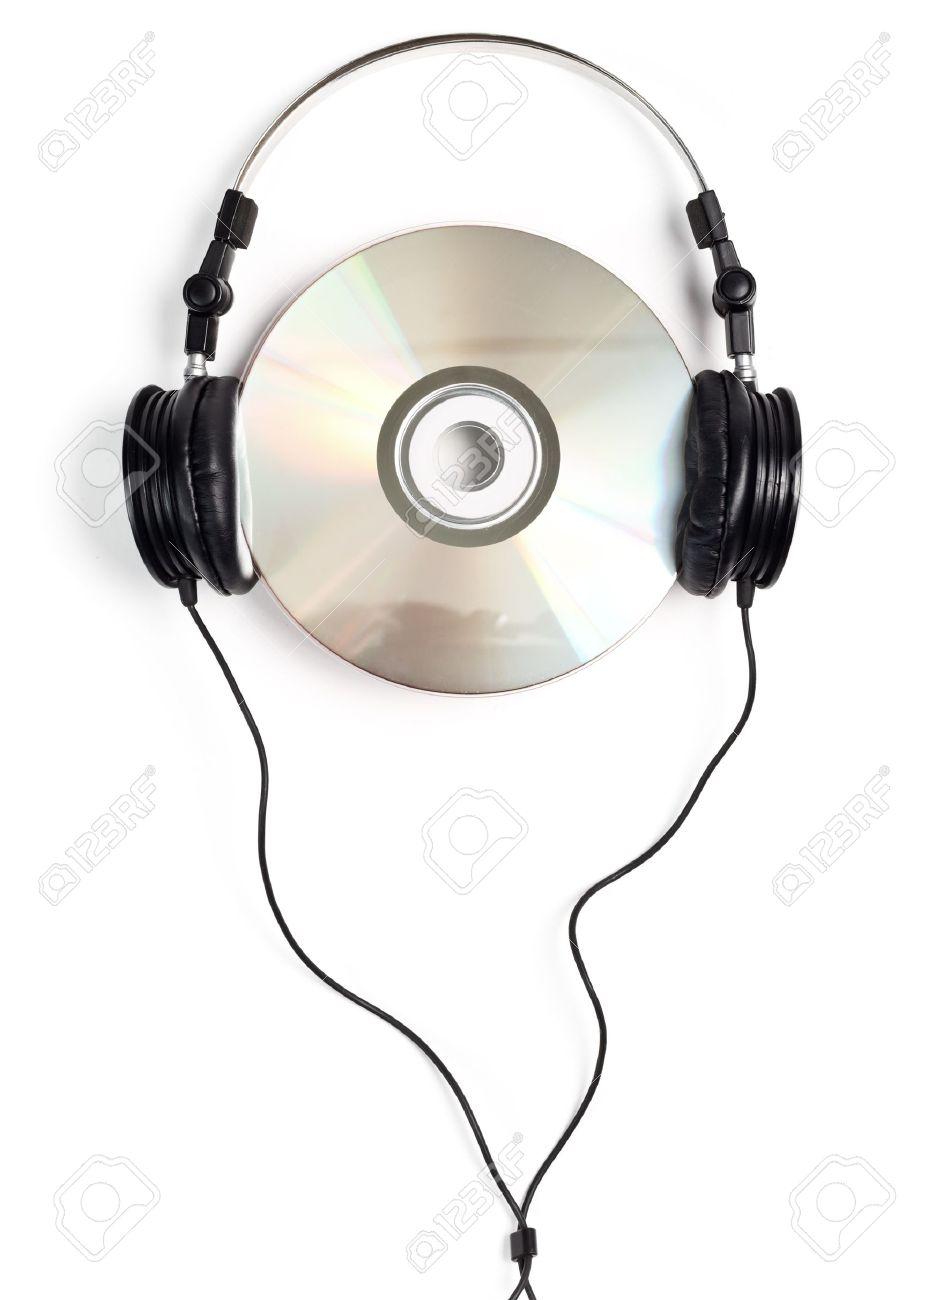 16944354-Casque-d-coute-avec-CD-vierge-sur-fond-blanc-Banque-d_images-1461583296.jpg